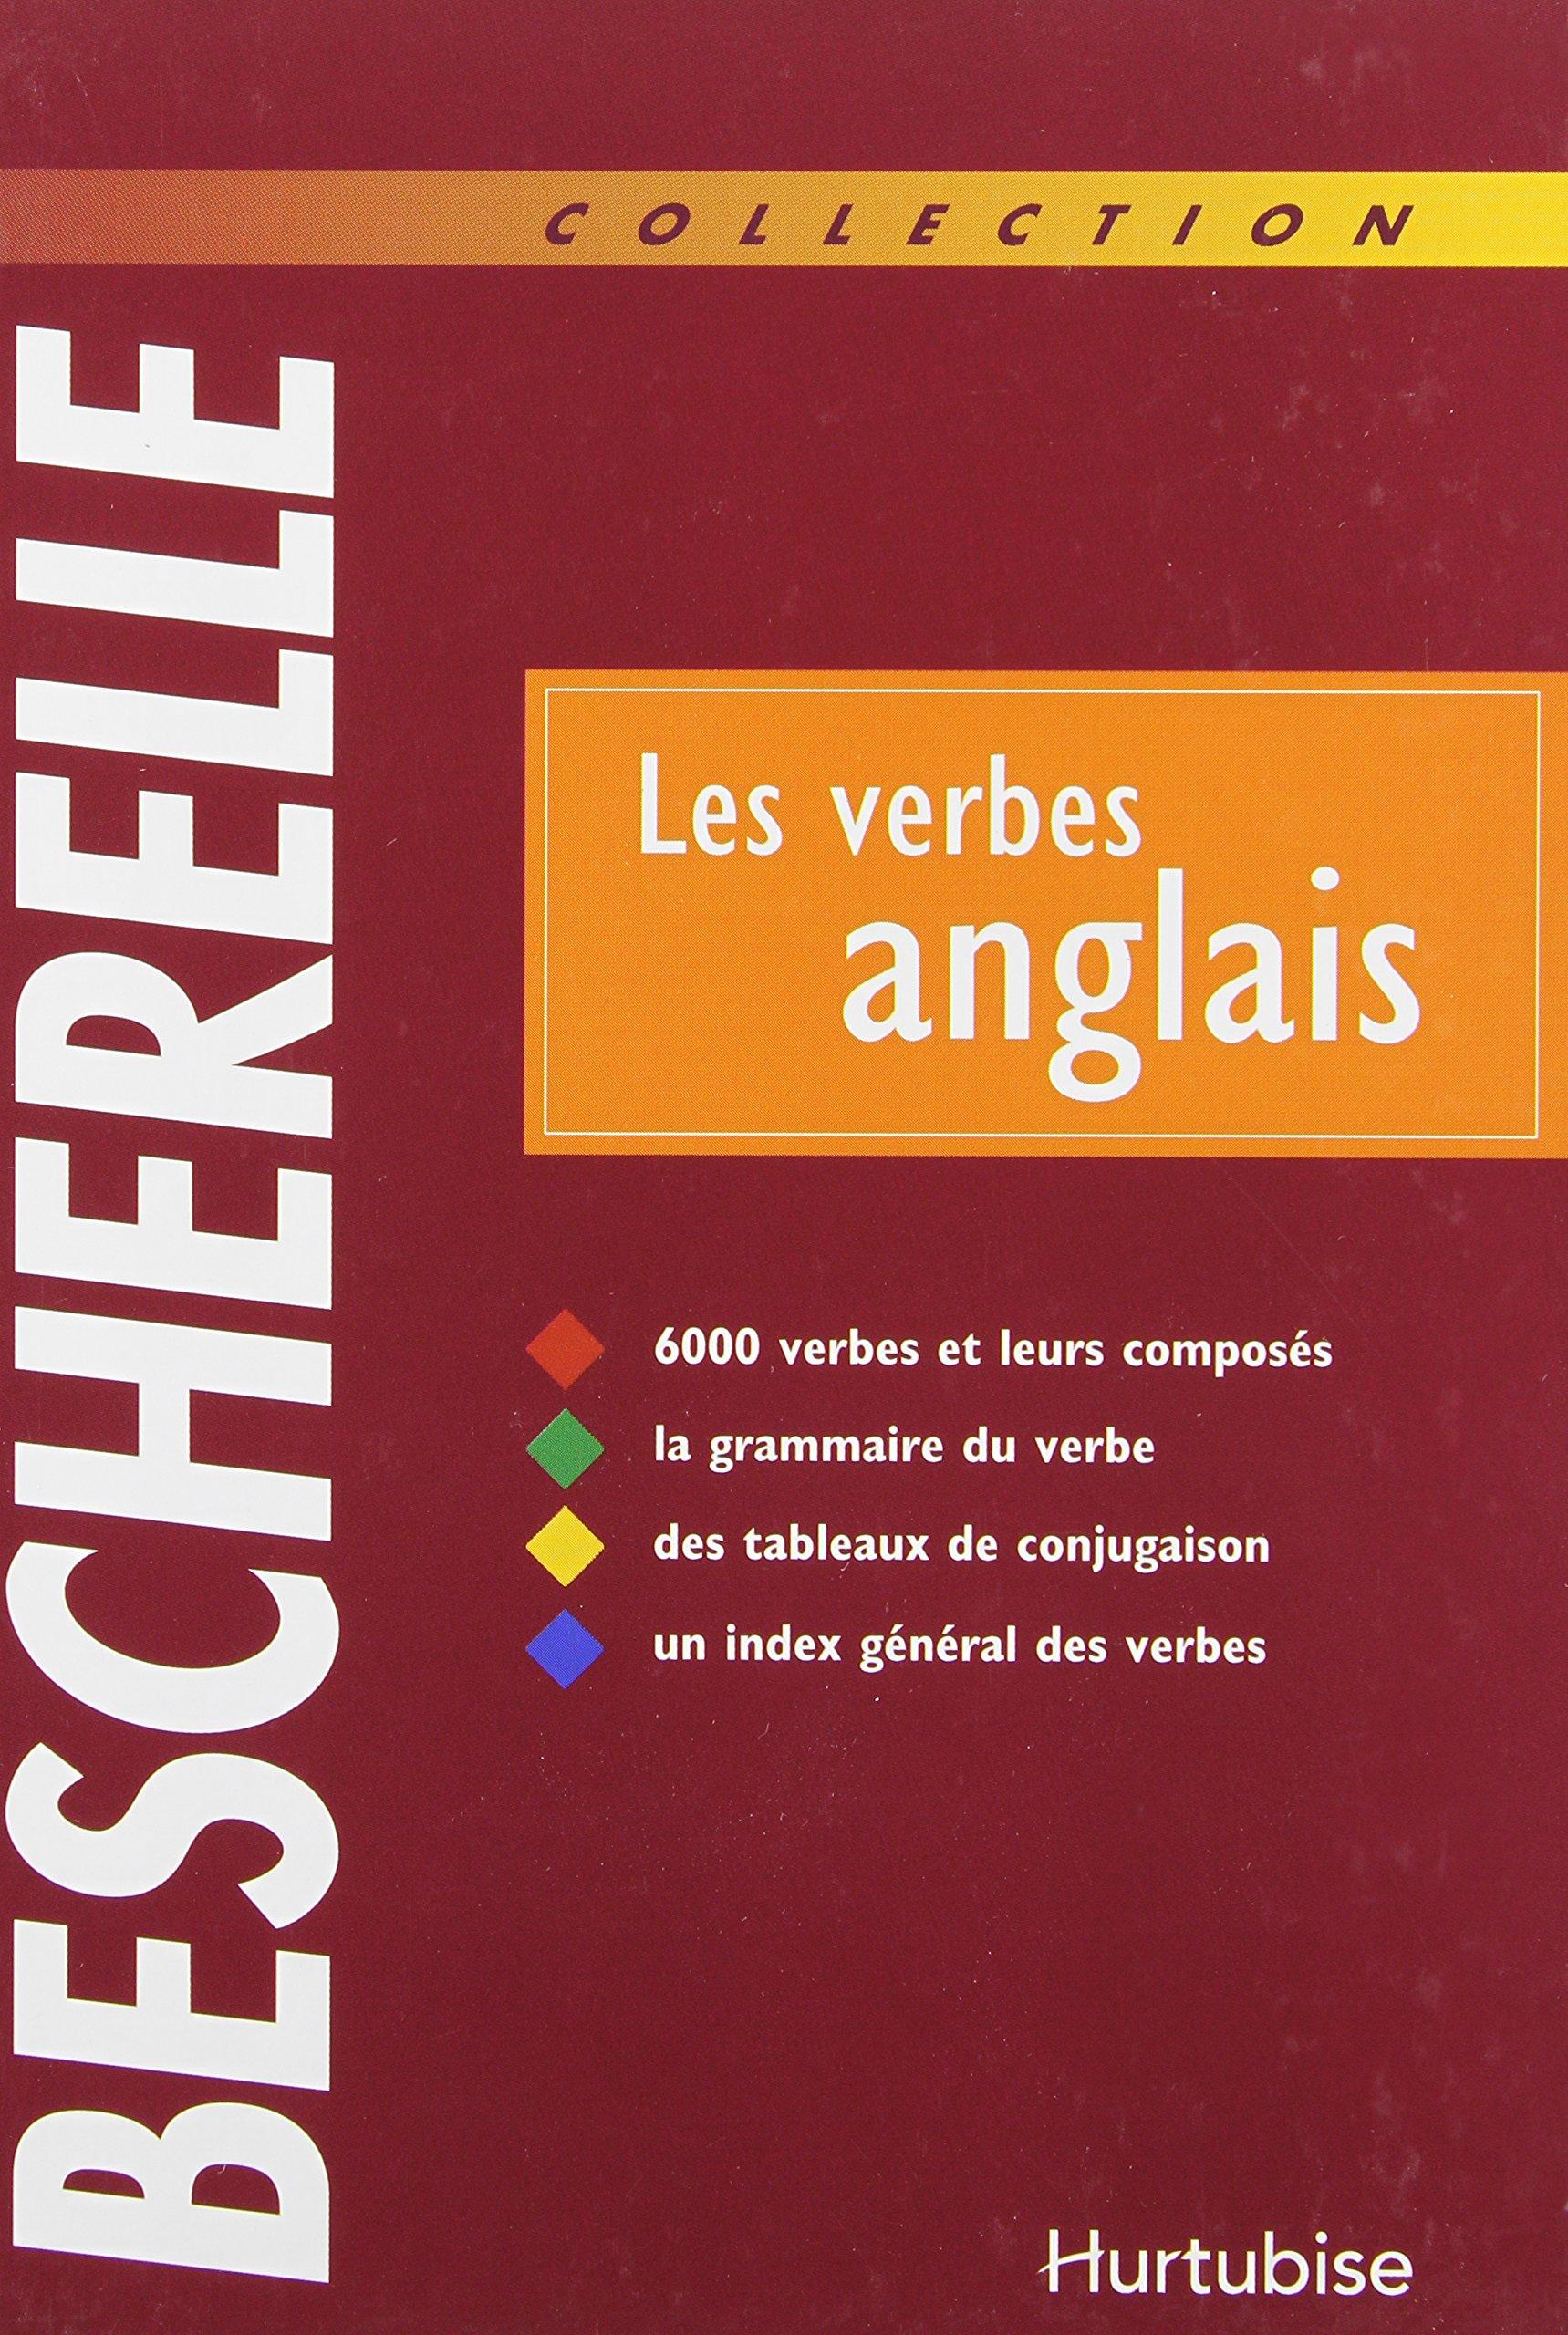 Bescherelle Les Verbes Anglais 6000 Verbes Et Leurs Composes Quenelle Gilbert Hourquin Didier 9782894284629 Amazon Com Books